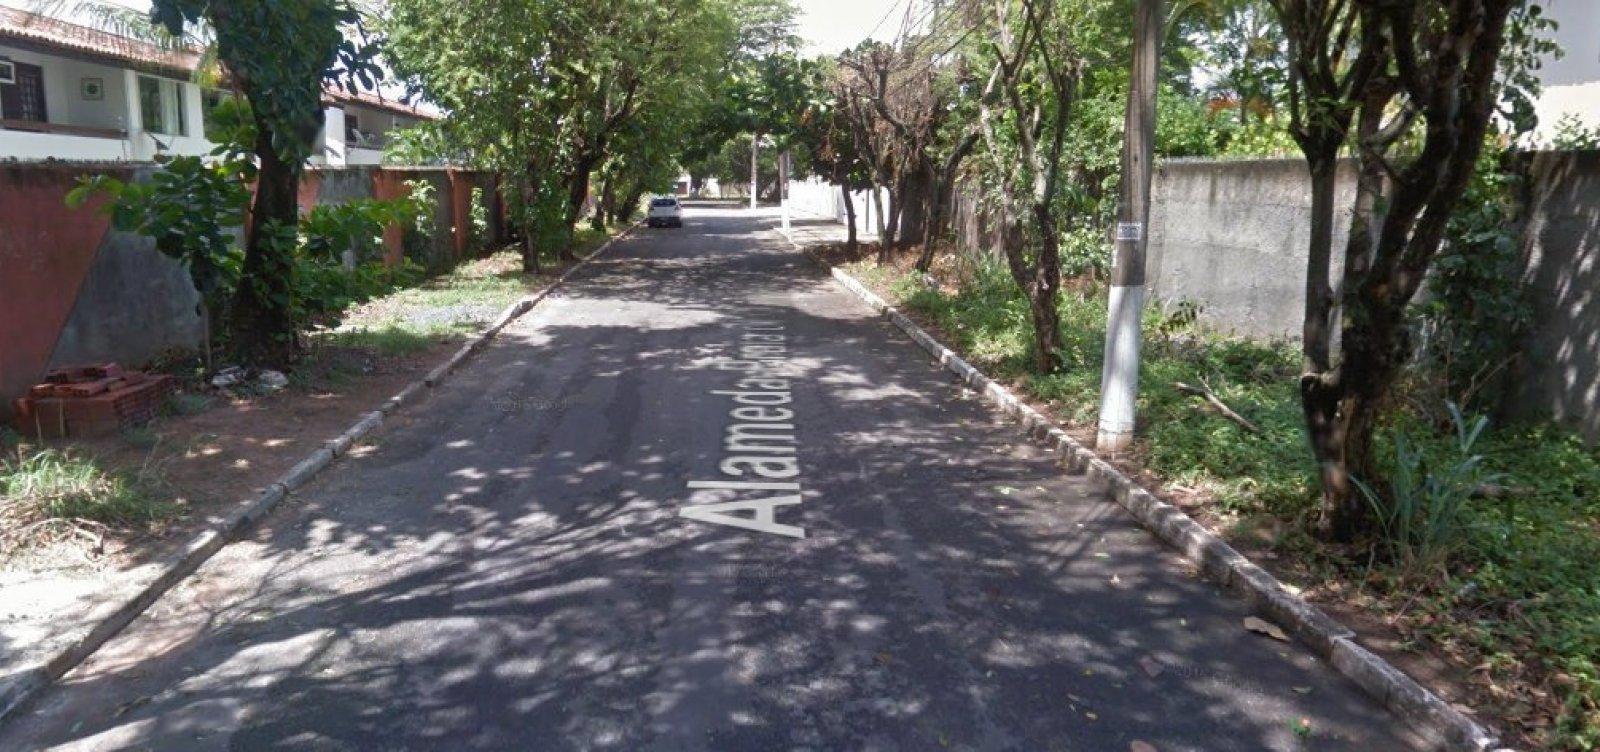 [Associação de Sociólogos da Bahia diz que professor da UFRB não queria atropelar comerciantes]